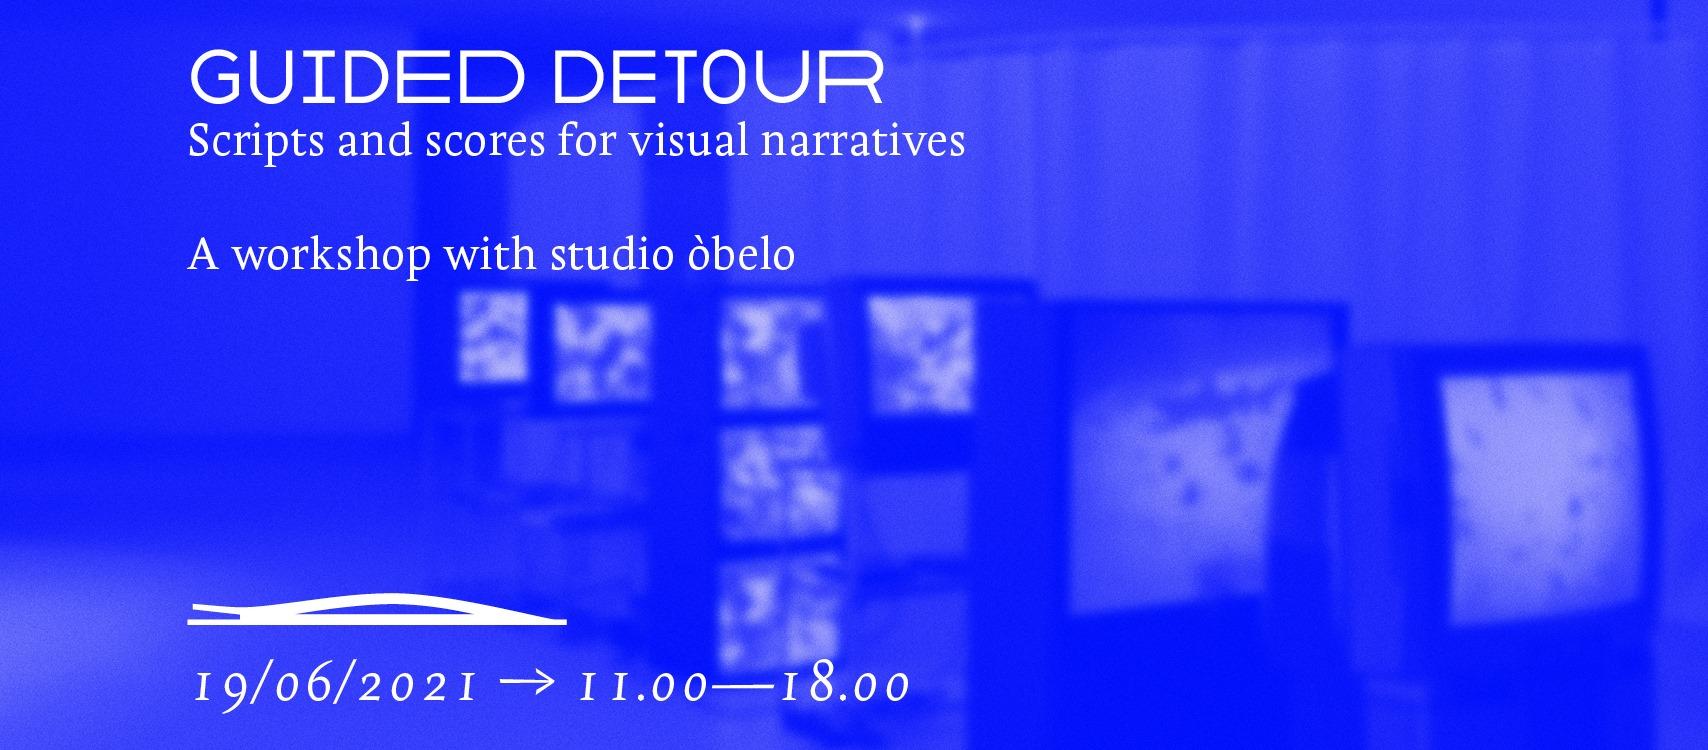 Desvio Guiado | Guided Detour